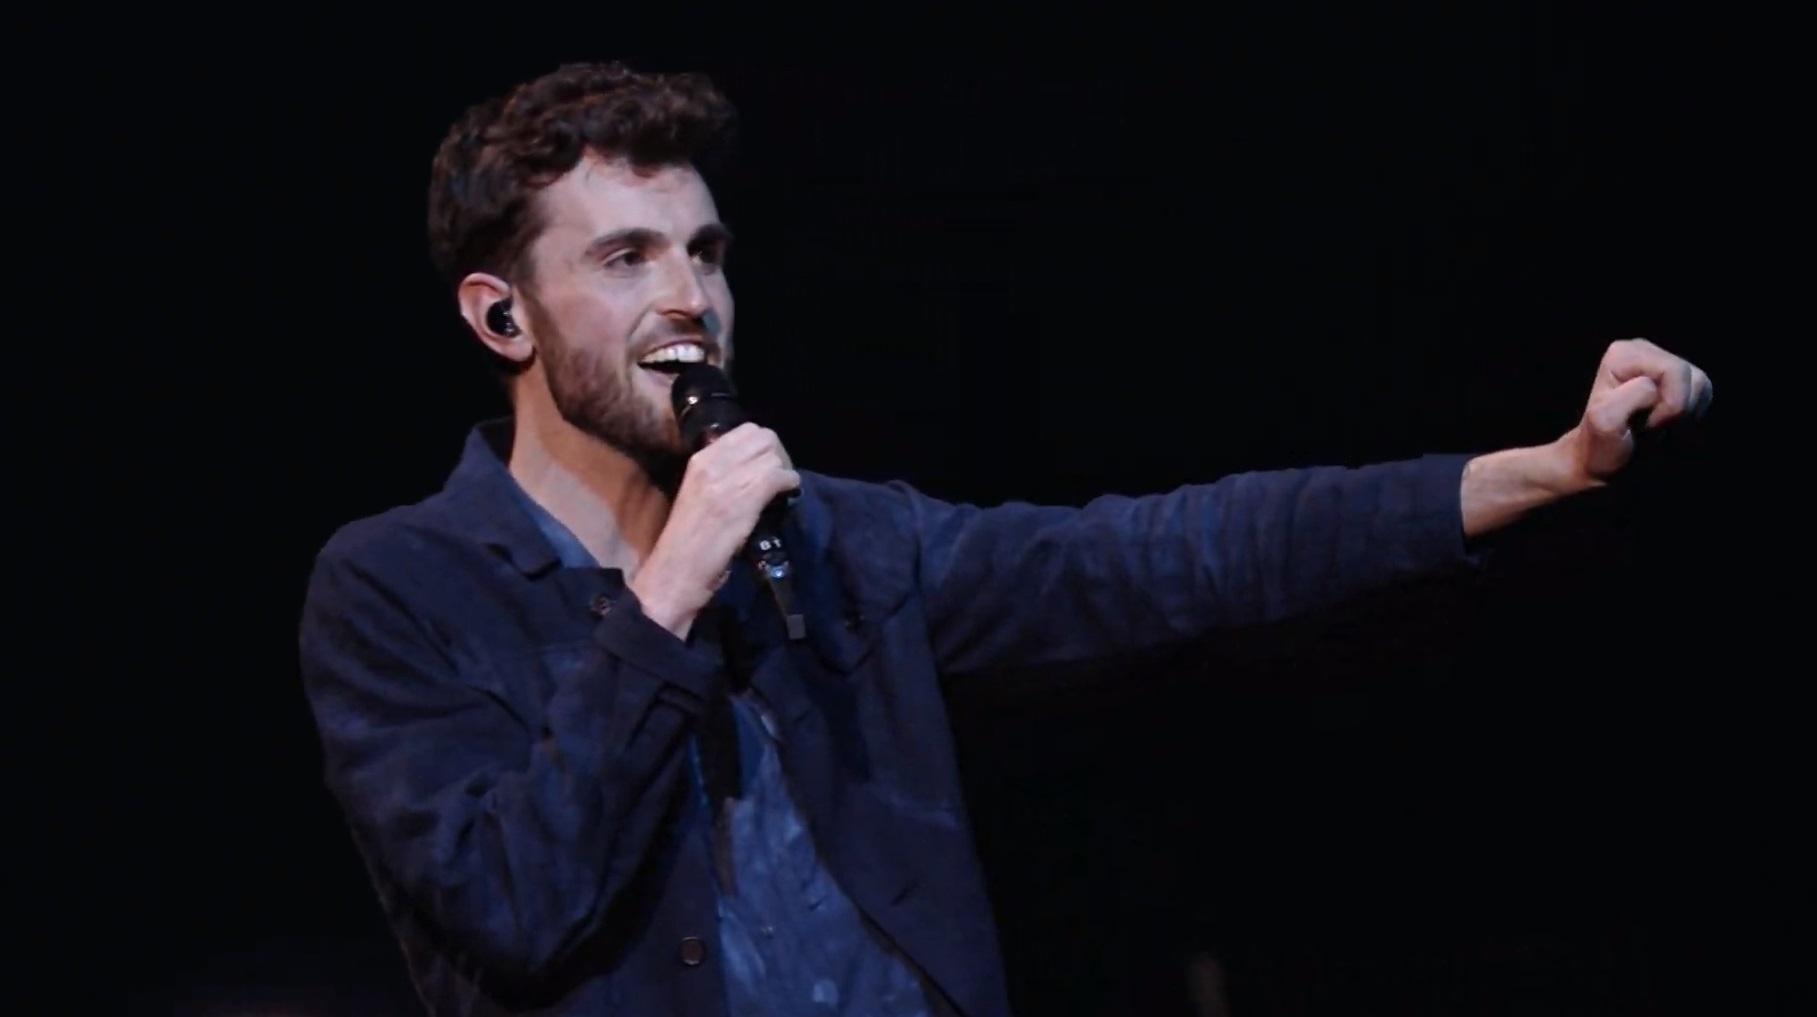 Раньше Сергей Лазарев пел лучше: публикуем итоги финала «Евровидения — 2019»